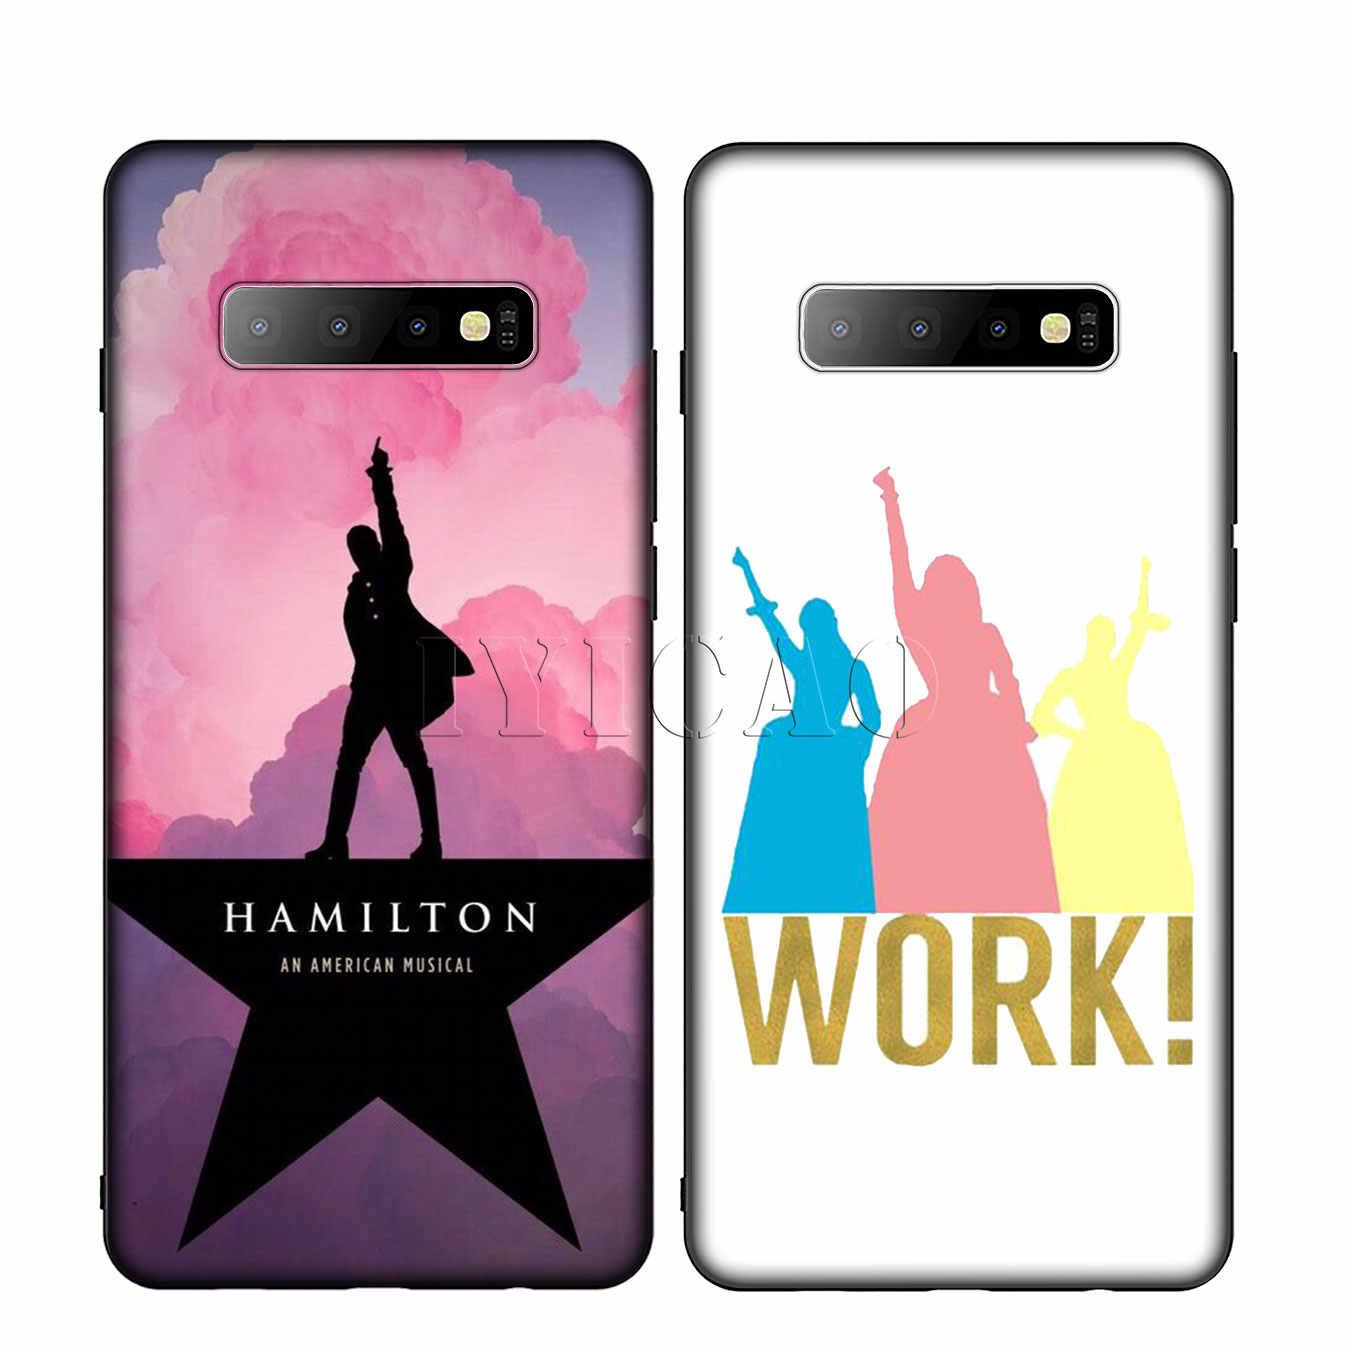 IYICAO Hamilton Âm Nhạc Lời Bài Hát Silicone Mềm Điện Thoại Trường Hợp đối Với Samsung Galaxy S10 S9 S8 Cộng Với S6 S7 Cạnh S10e E bìa